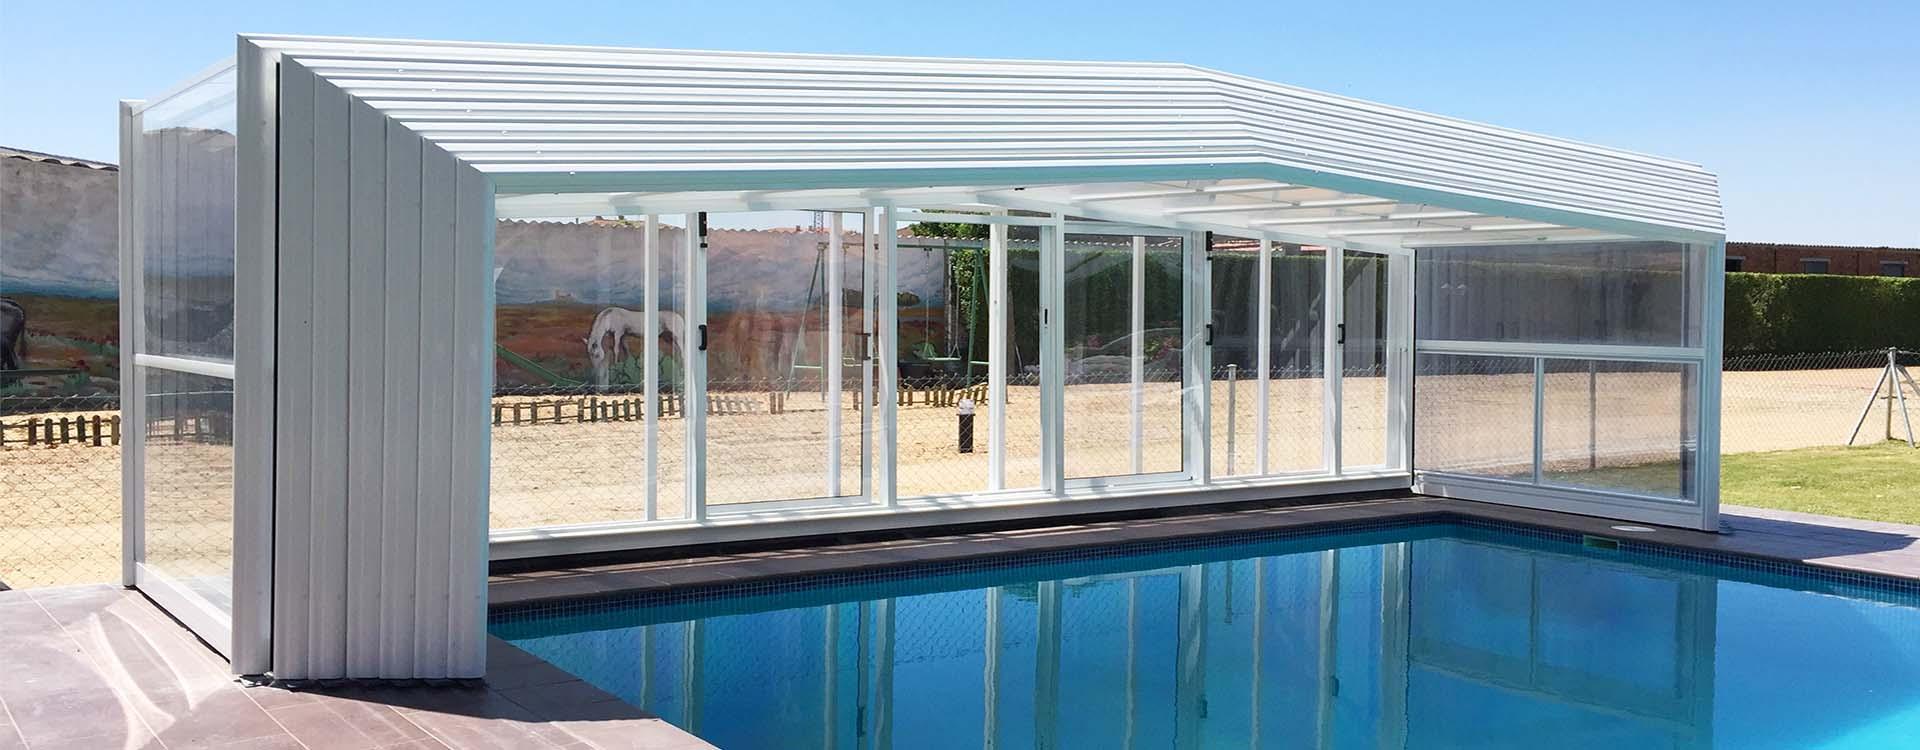 Hacer piscina precio gallery of piscina ecologica with for Cubiertas para piscinas baratas